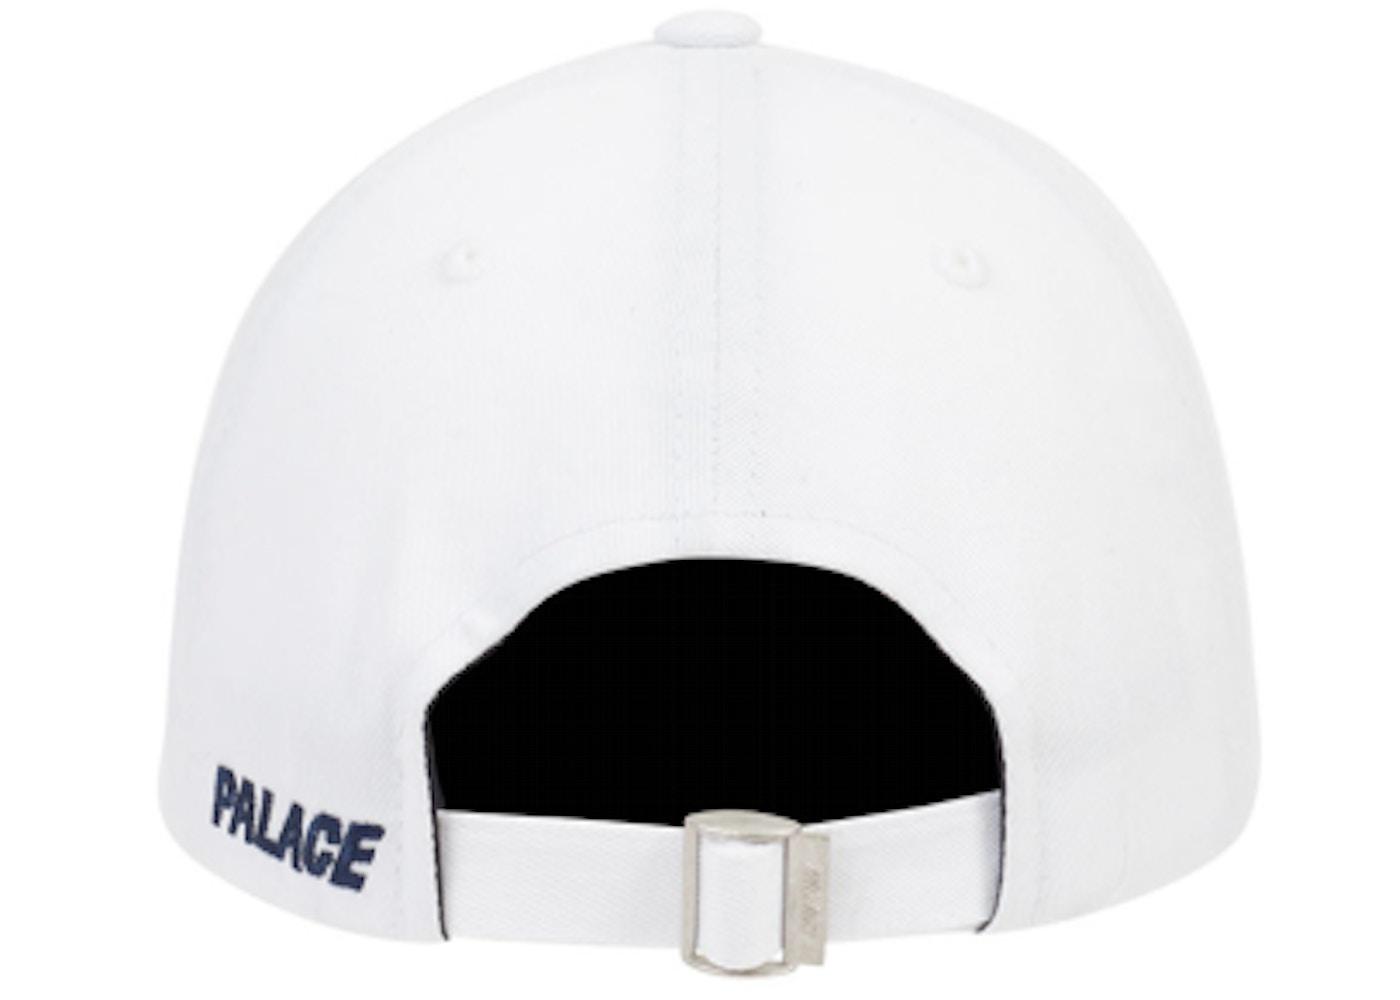 c9d453d9 Palace Headwear - Buy & Sell Streetwear